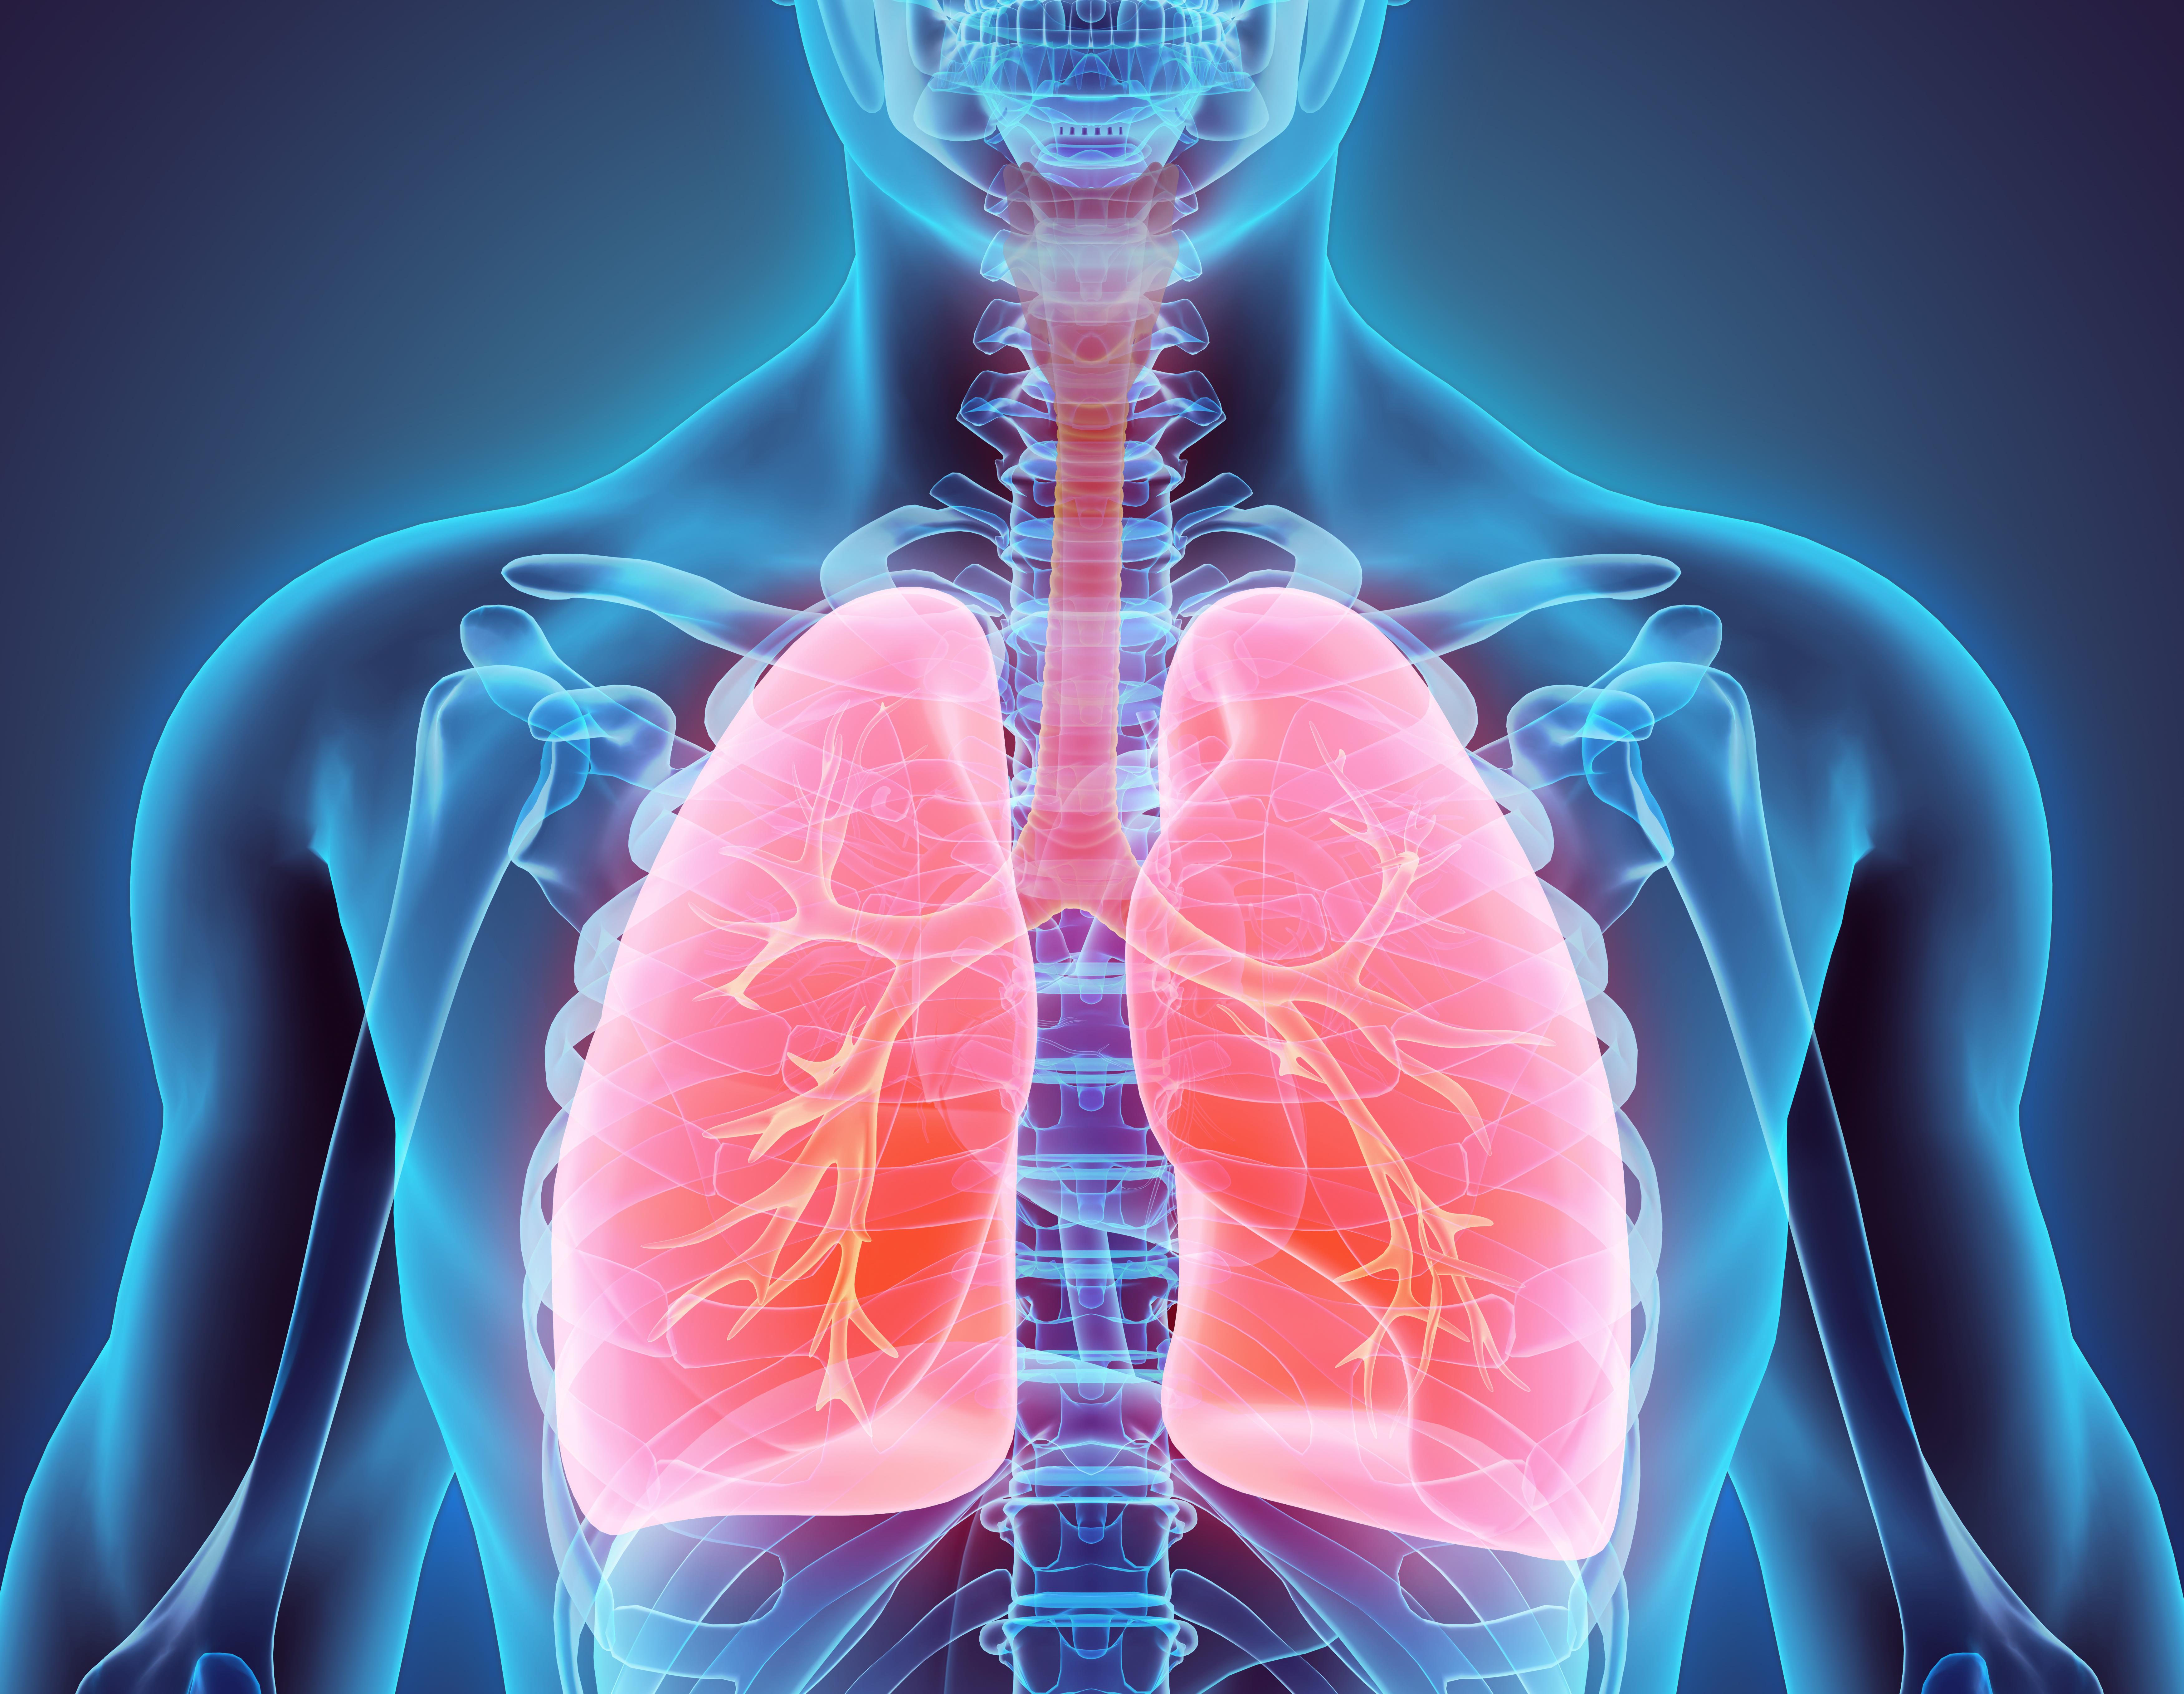 Aktuelle Langzeitstudie zum E-Zigaretten-Konsum: keine gesundheitlichen Folgen